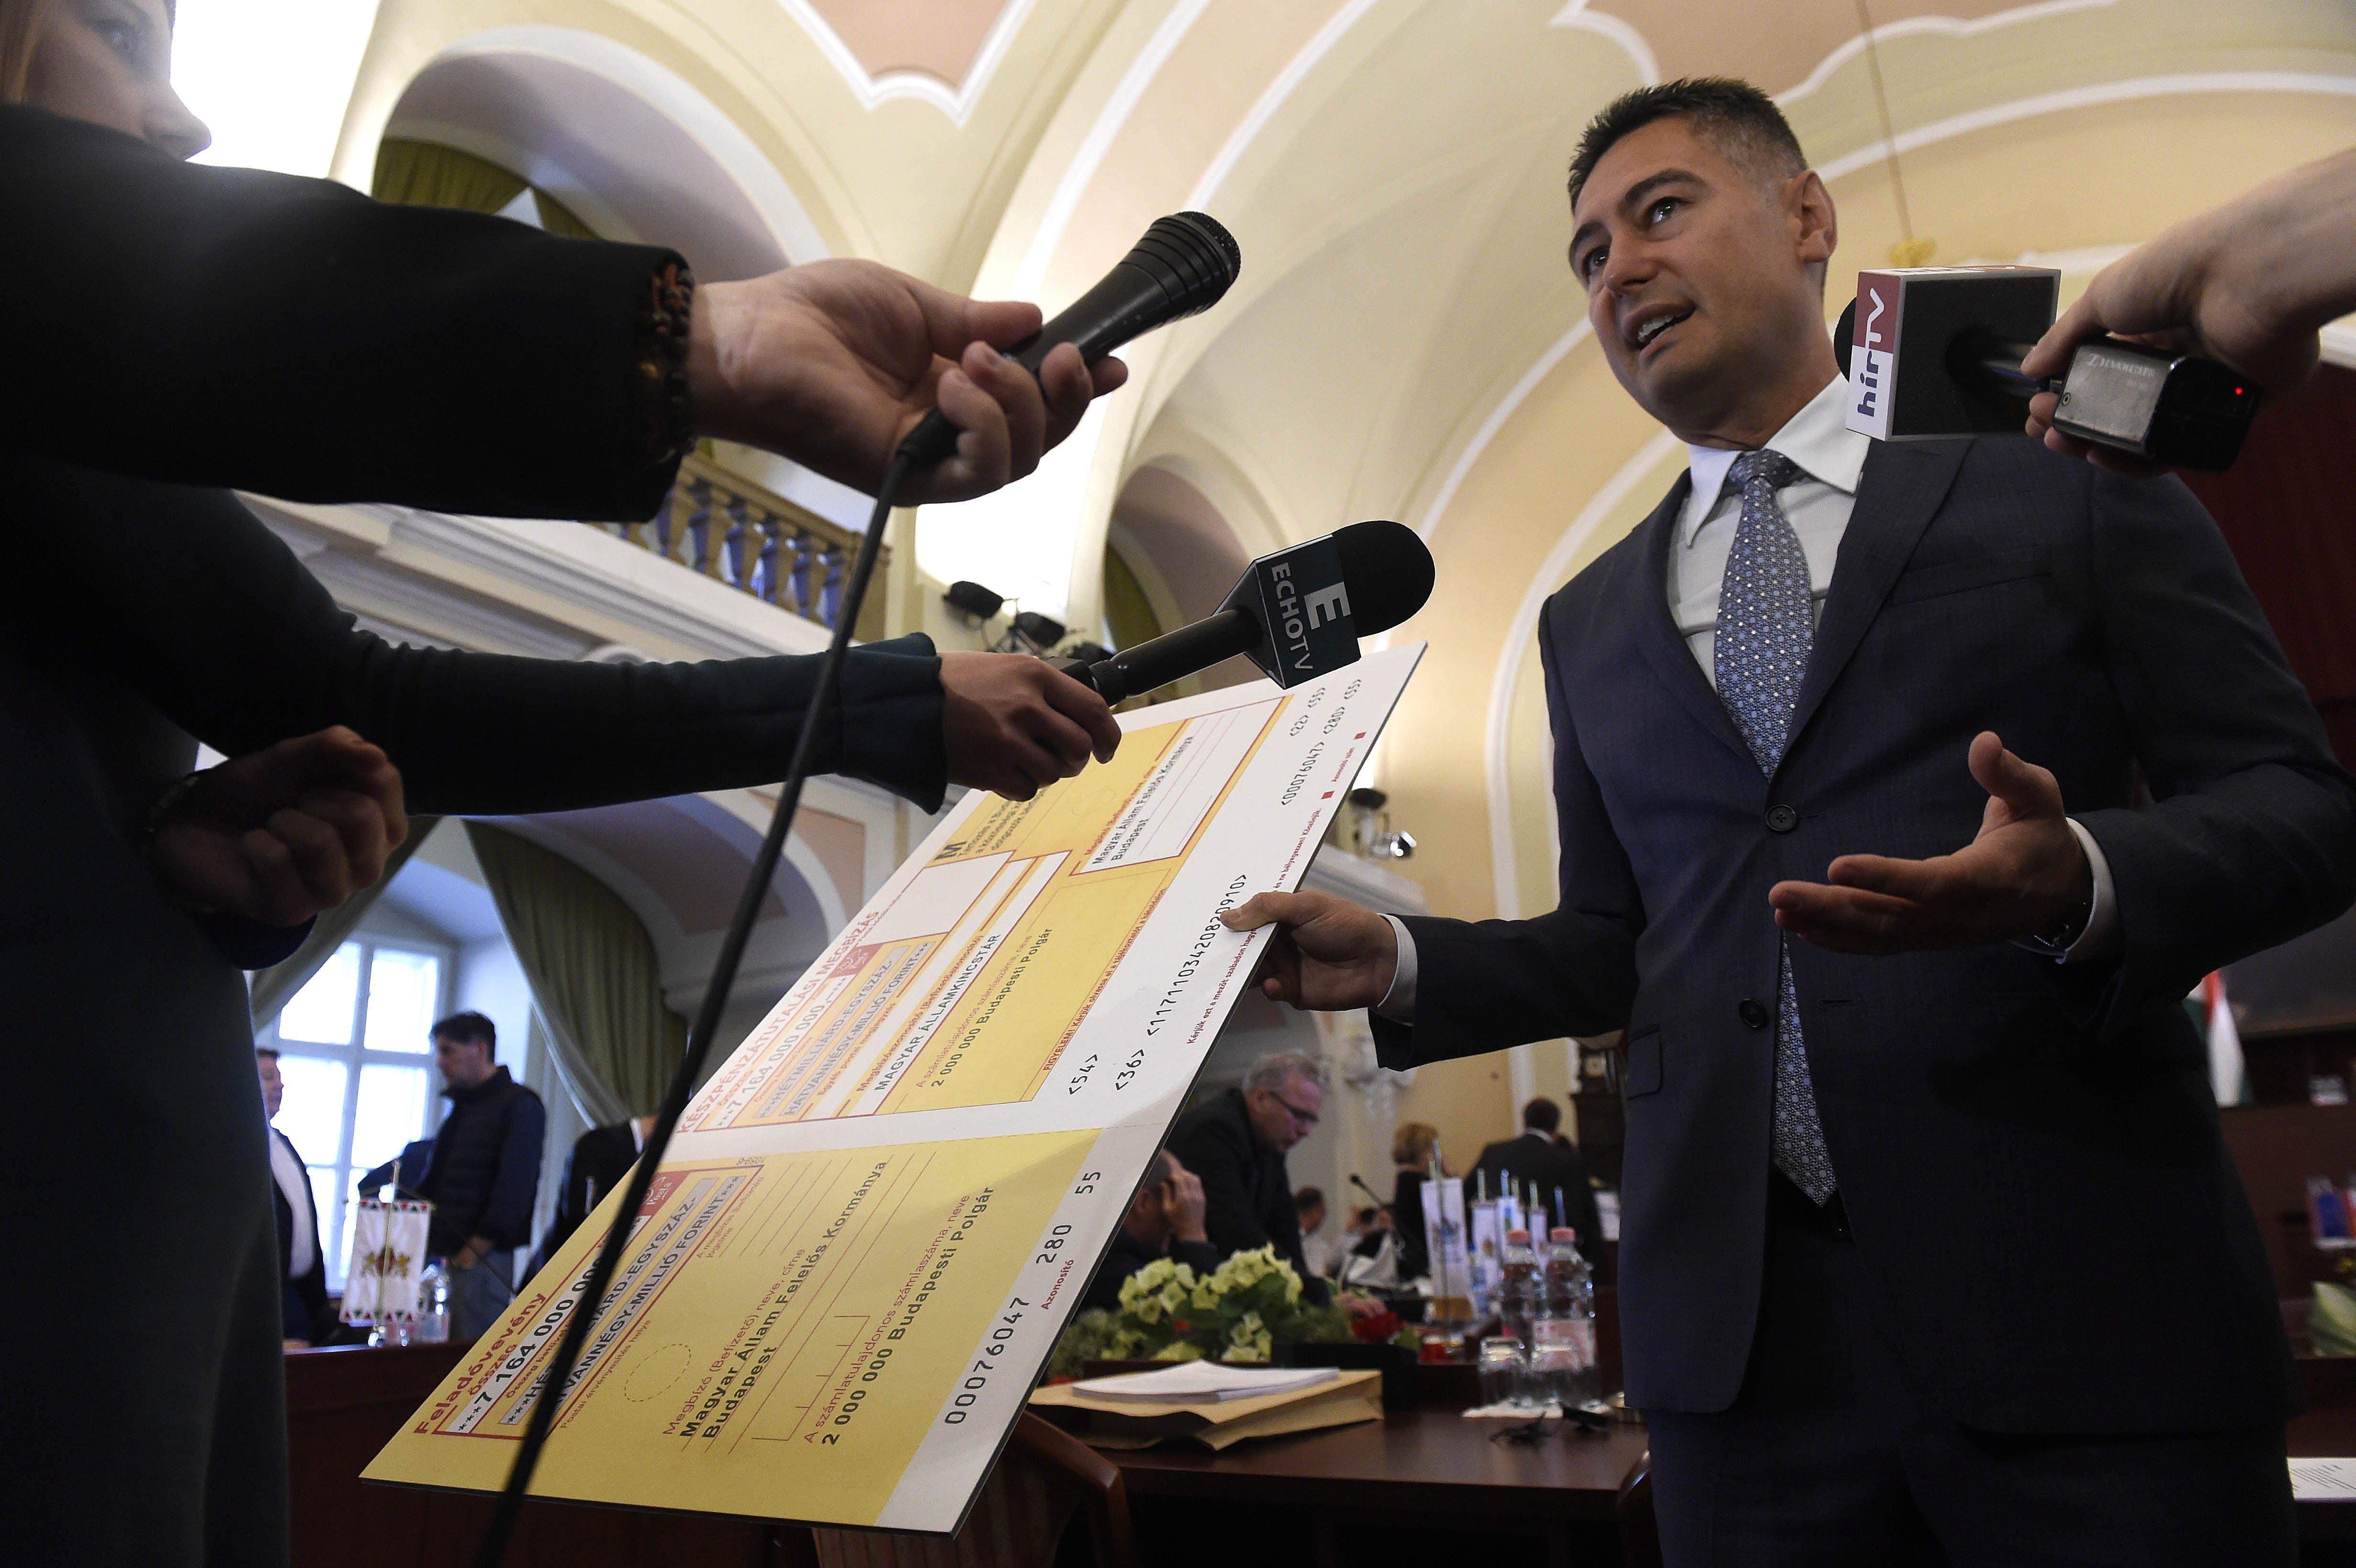 Horváth Csaba szerint hazudunk, a fővárosi korrupciós bizottság mégis vizsgálni fogja a rejtélyes parkolási szoftver ügyét